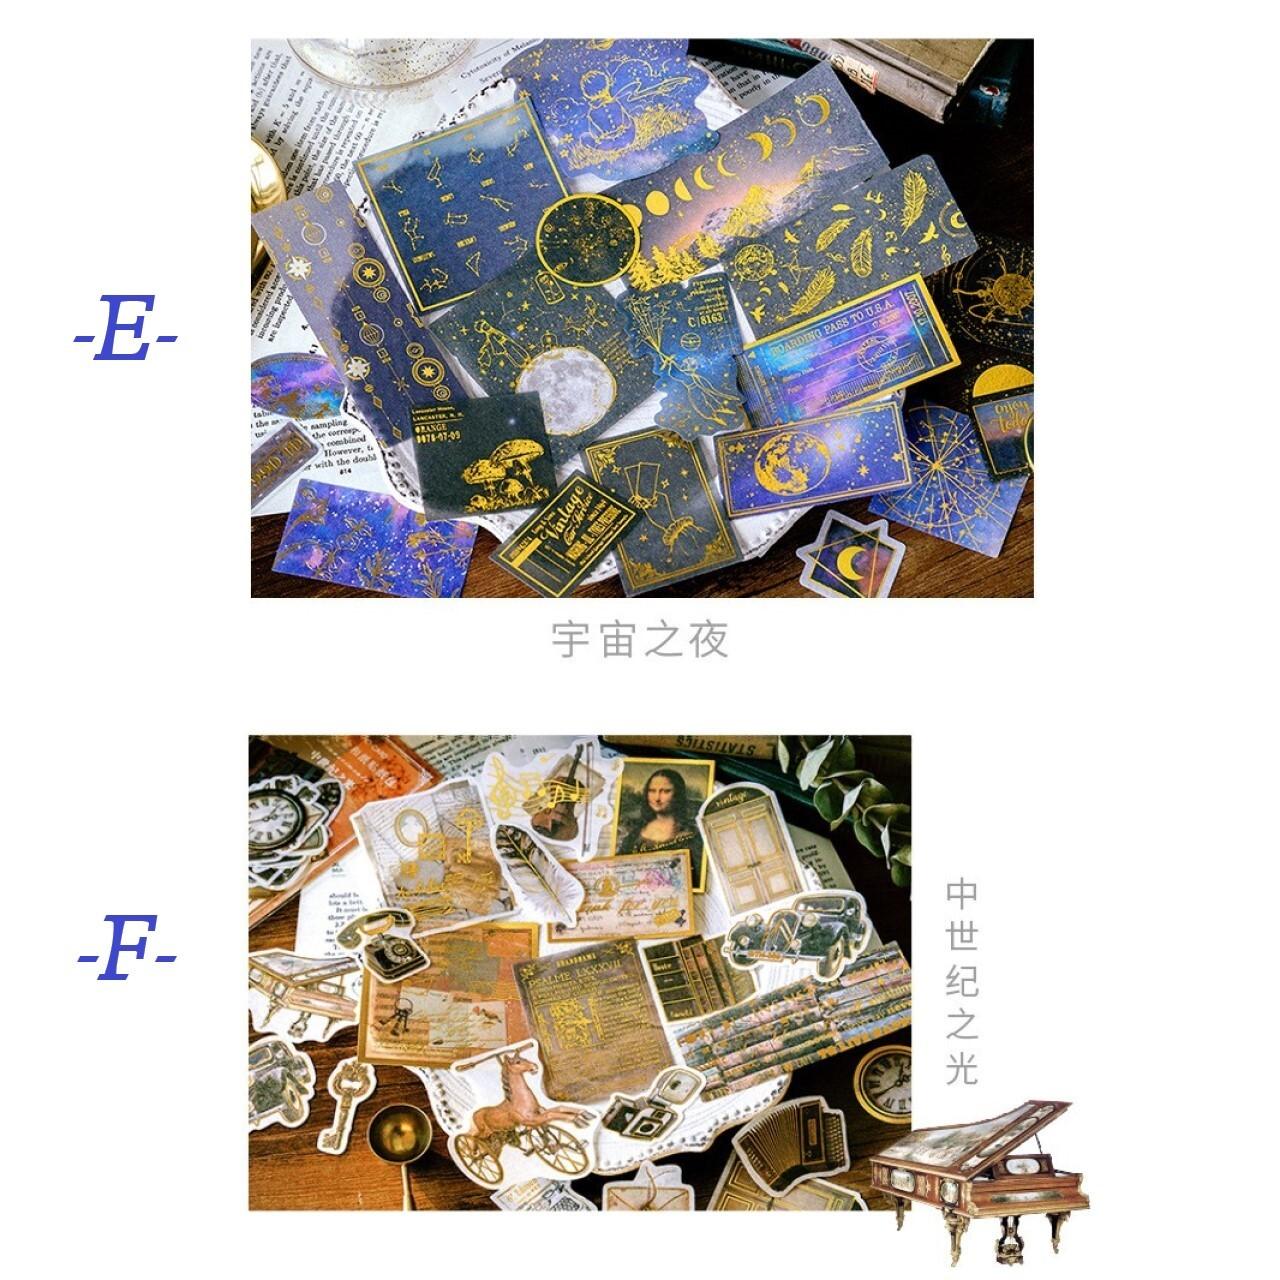 箔押 レトロステッカー ルネサンスシリーズ シール コラージュ ほぼ日手帳 ジャンクジャーナル D36